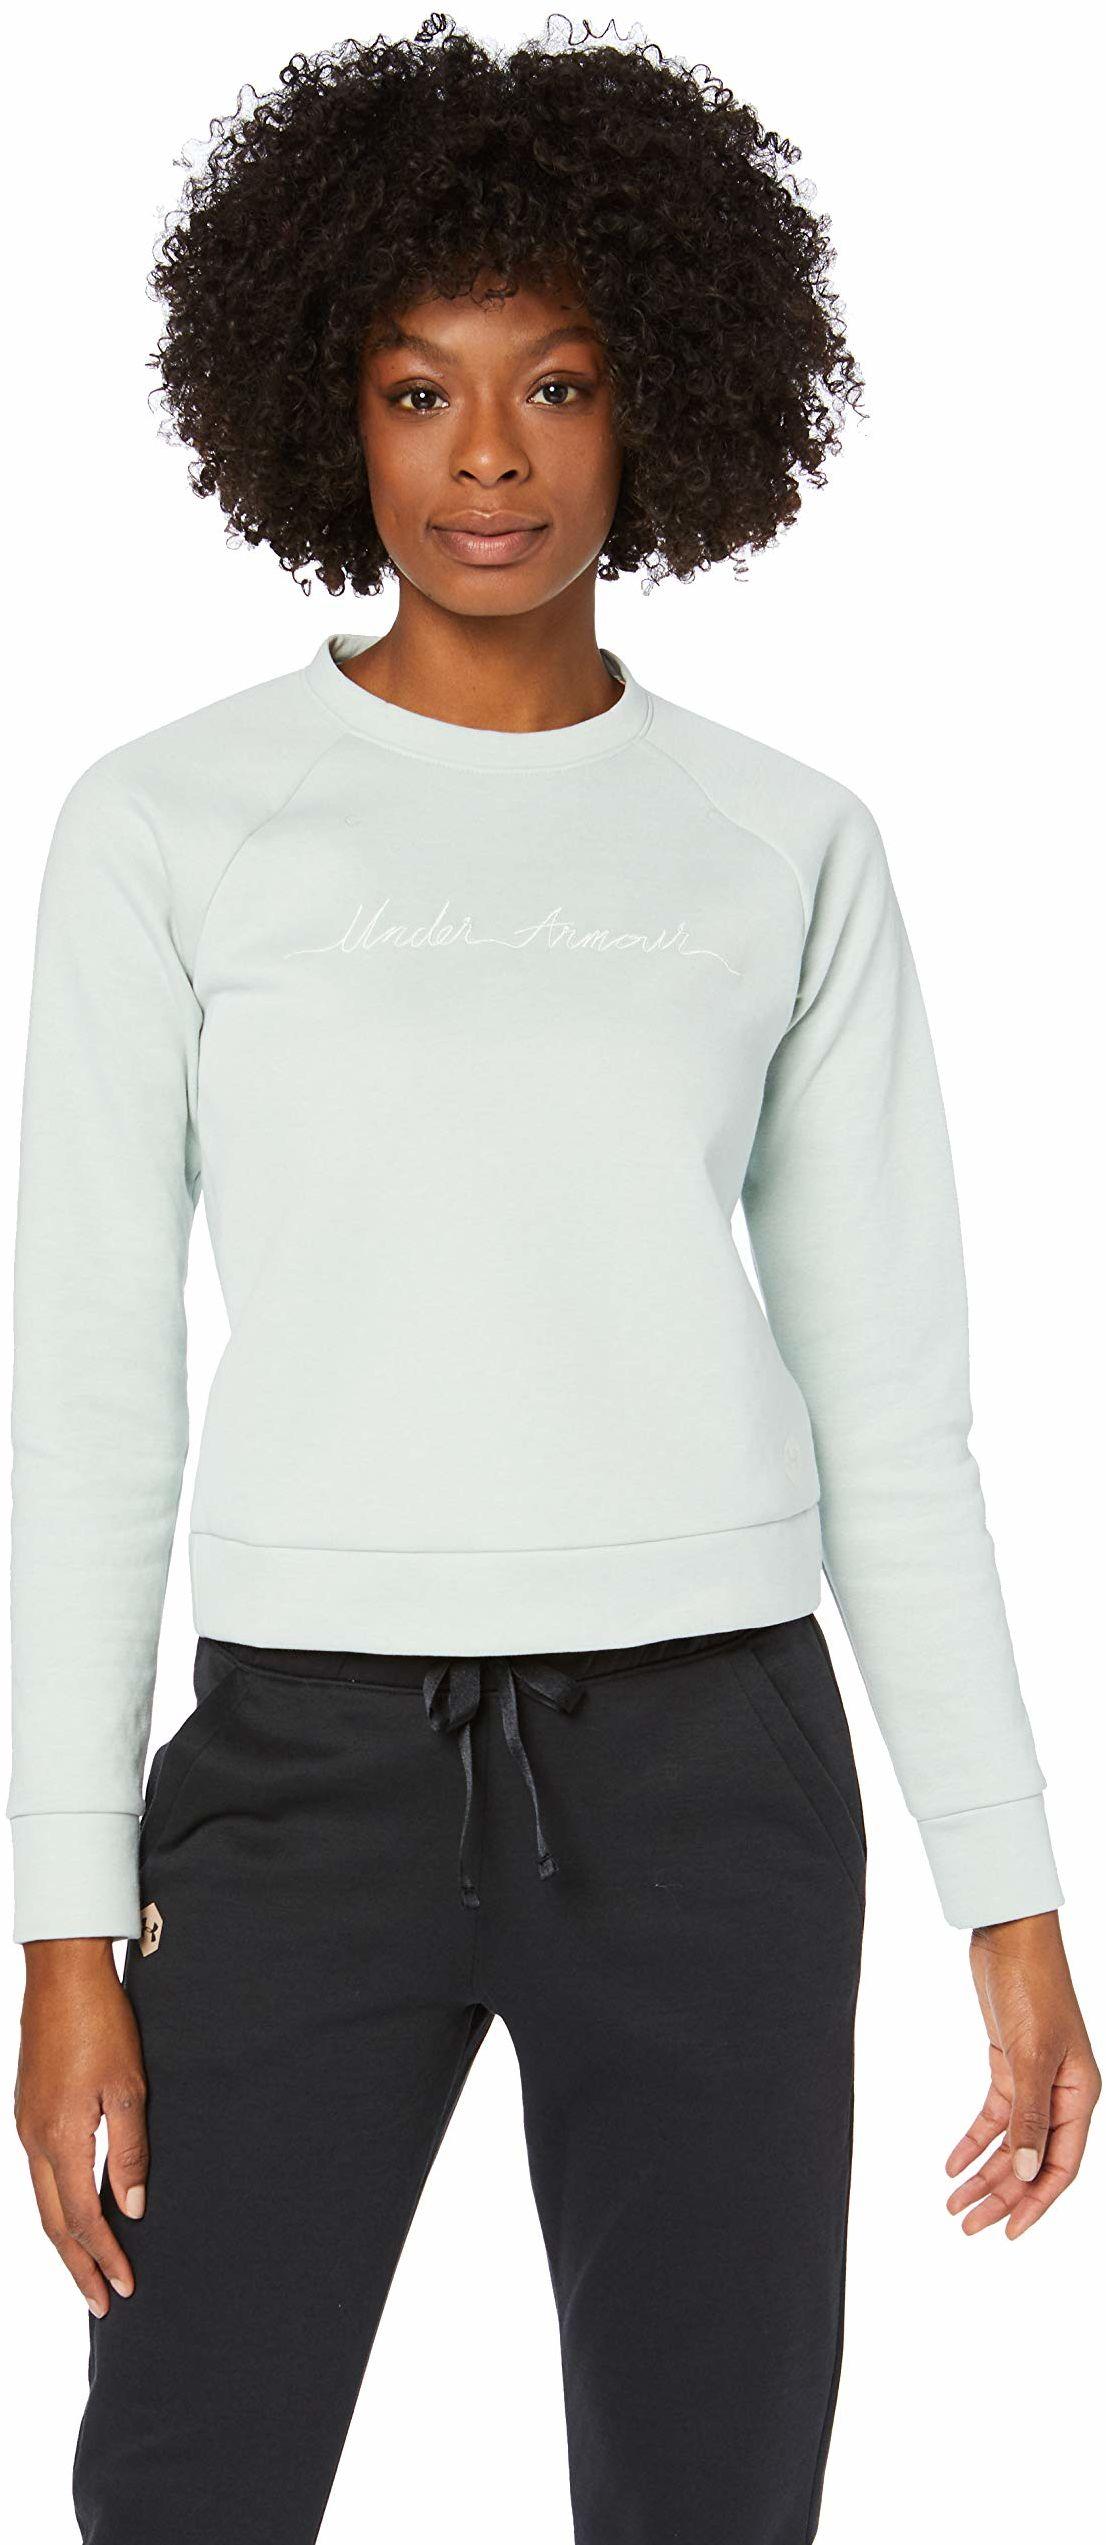 Under Armour damska koszulka z nadrukiem polarowy skrypt załoga rozgrzewka Atlas Green Medium Heather / Onyx White / Onyx White (189) S